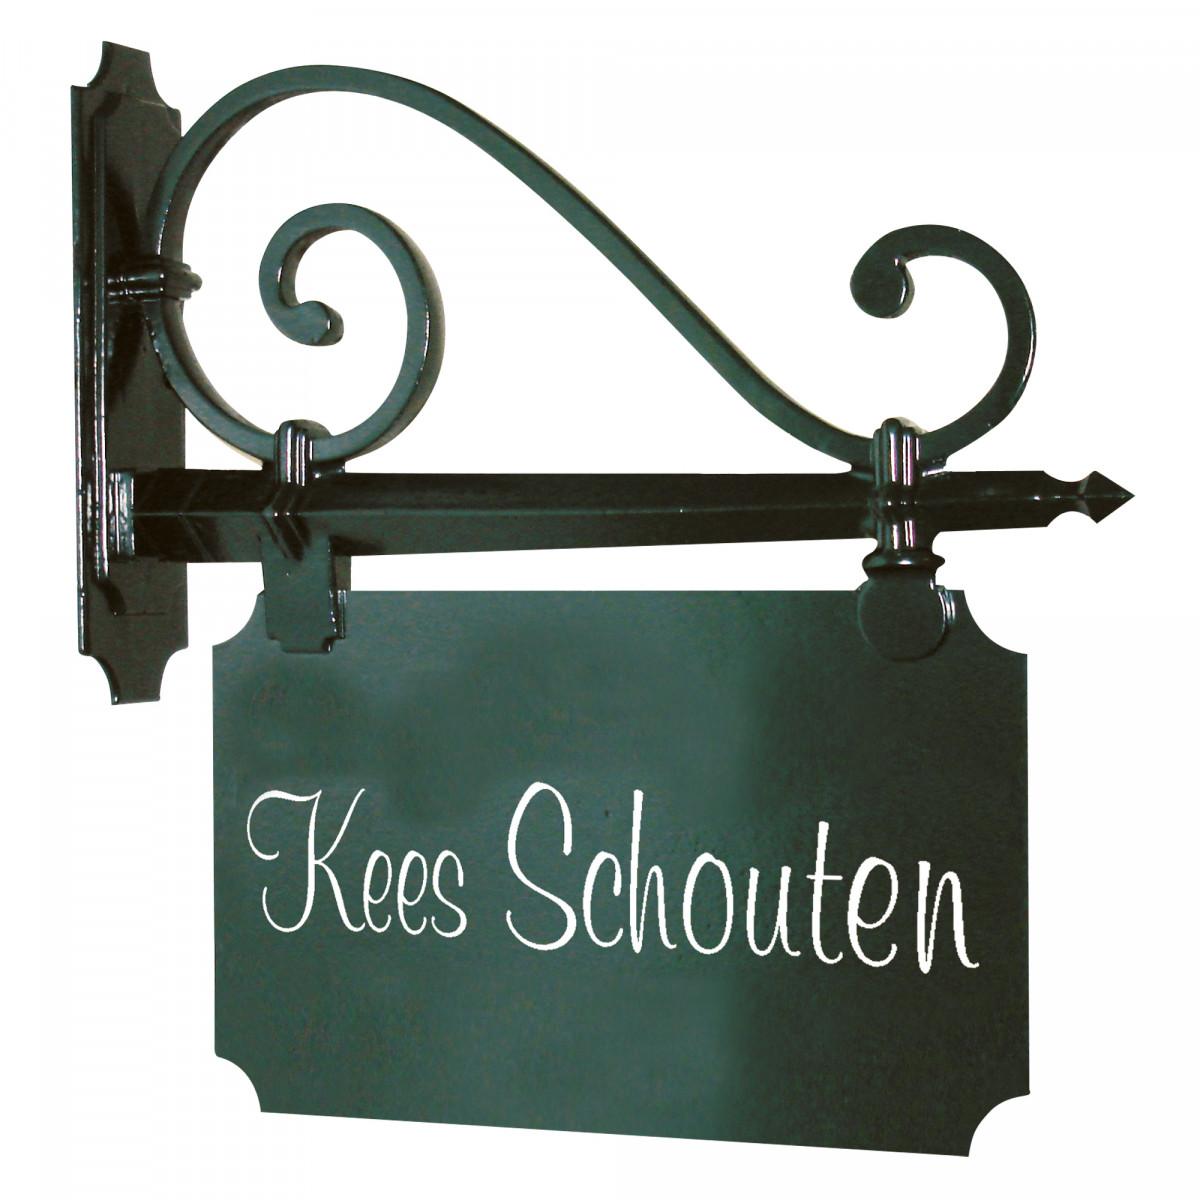 Stijlvol en klassiek vormgegeven naambord een handgemaakt kwaliteitsproduct van KS Verlichting